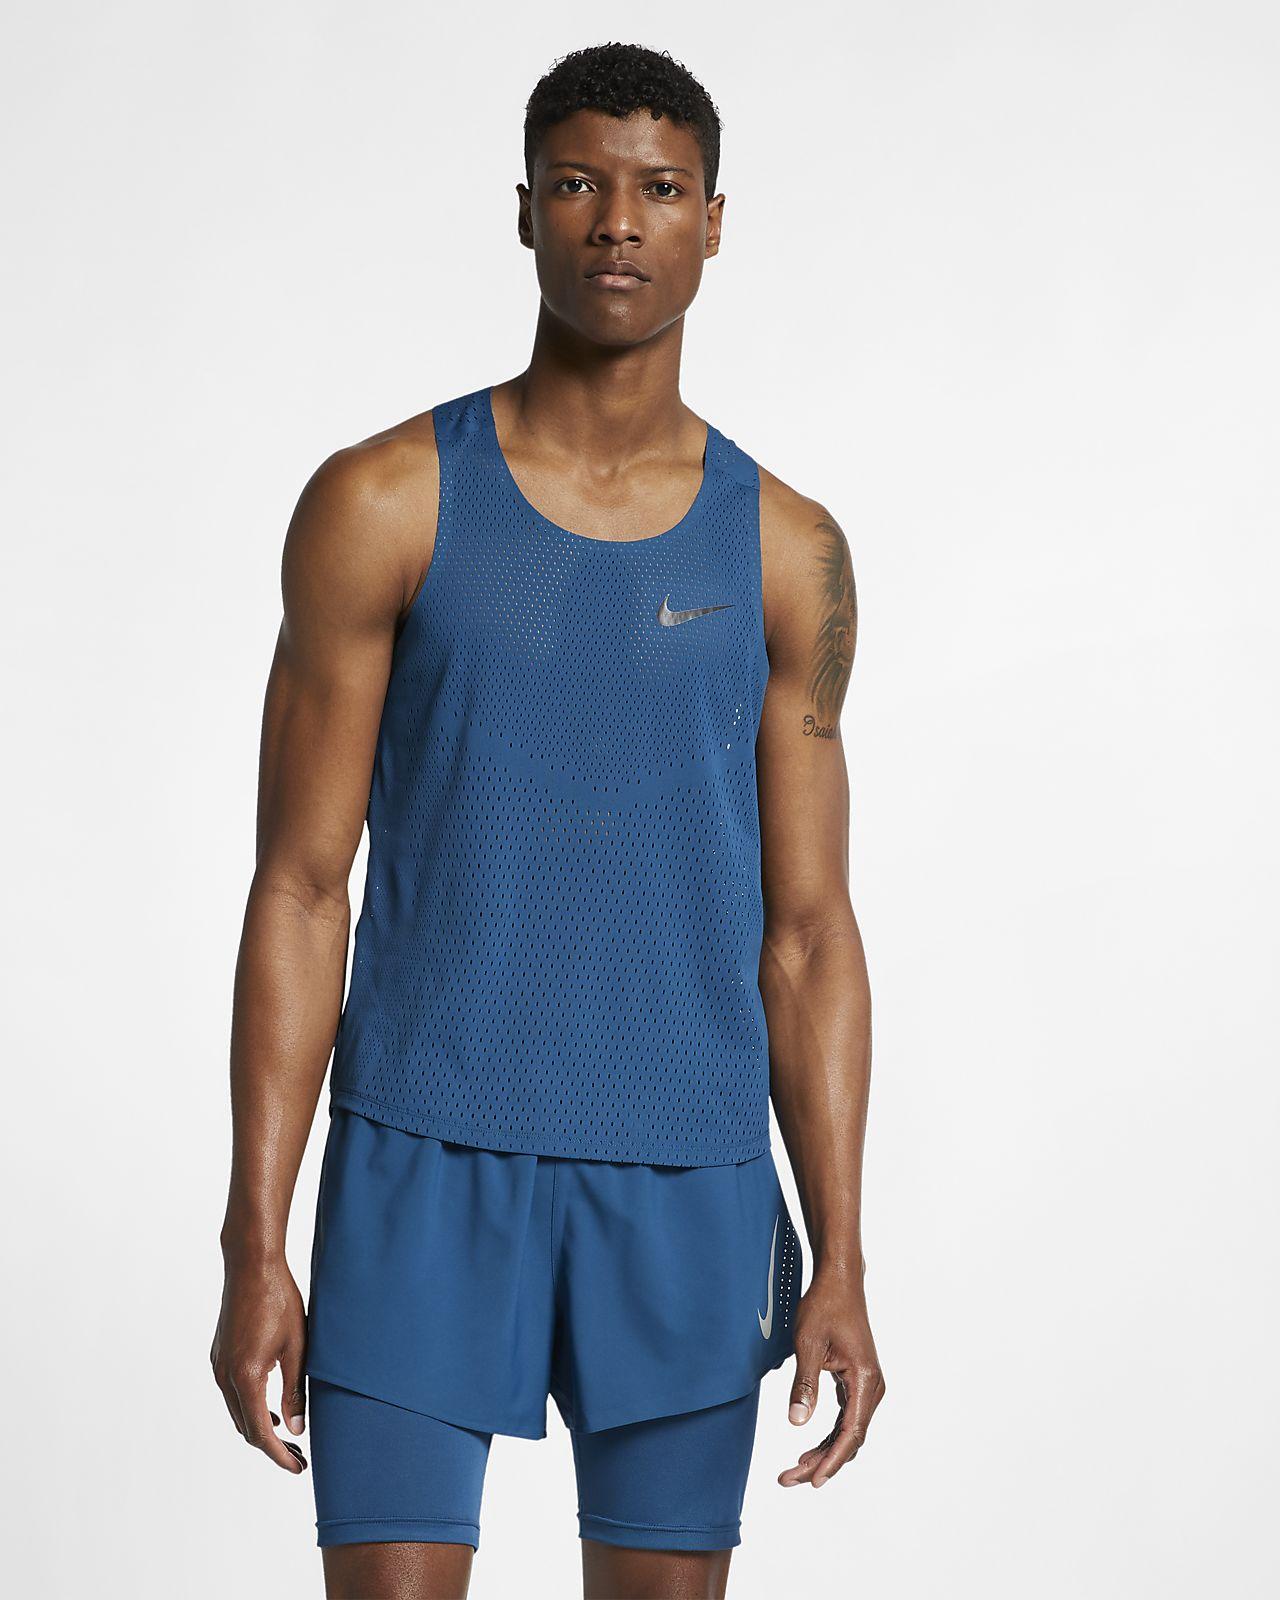 Ανδρική φανέλα για τρέξιμο Nike AeroSwift